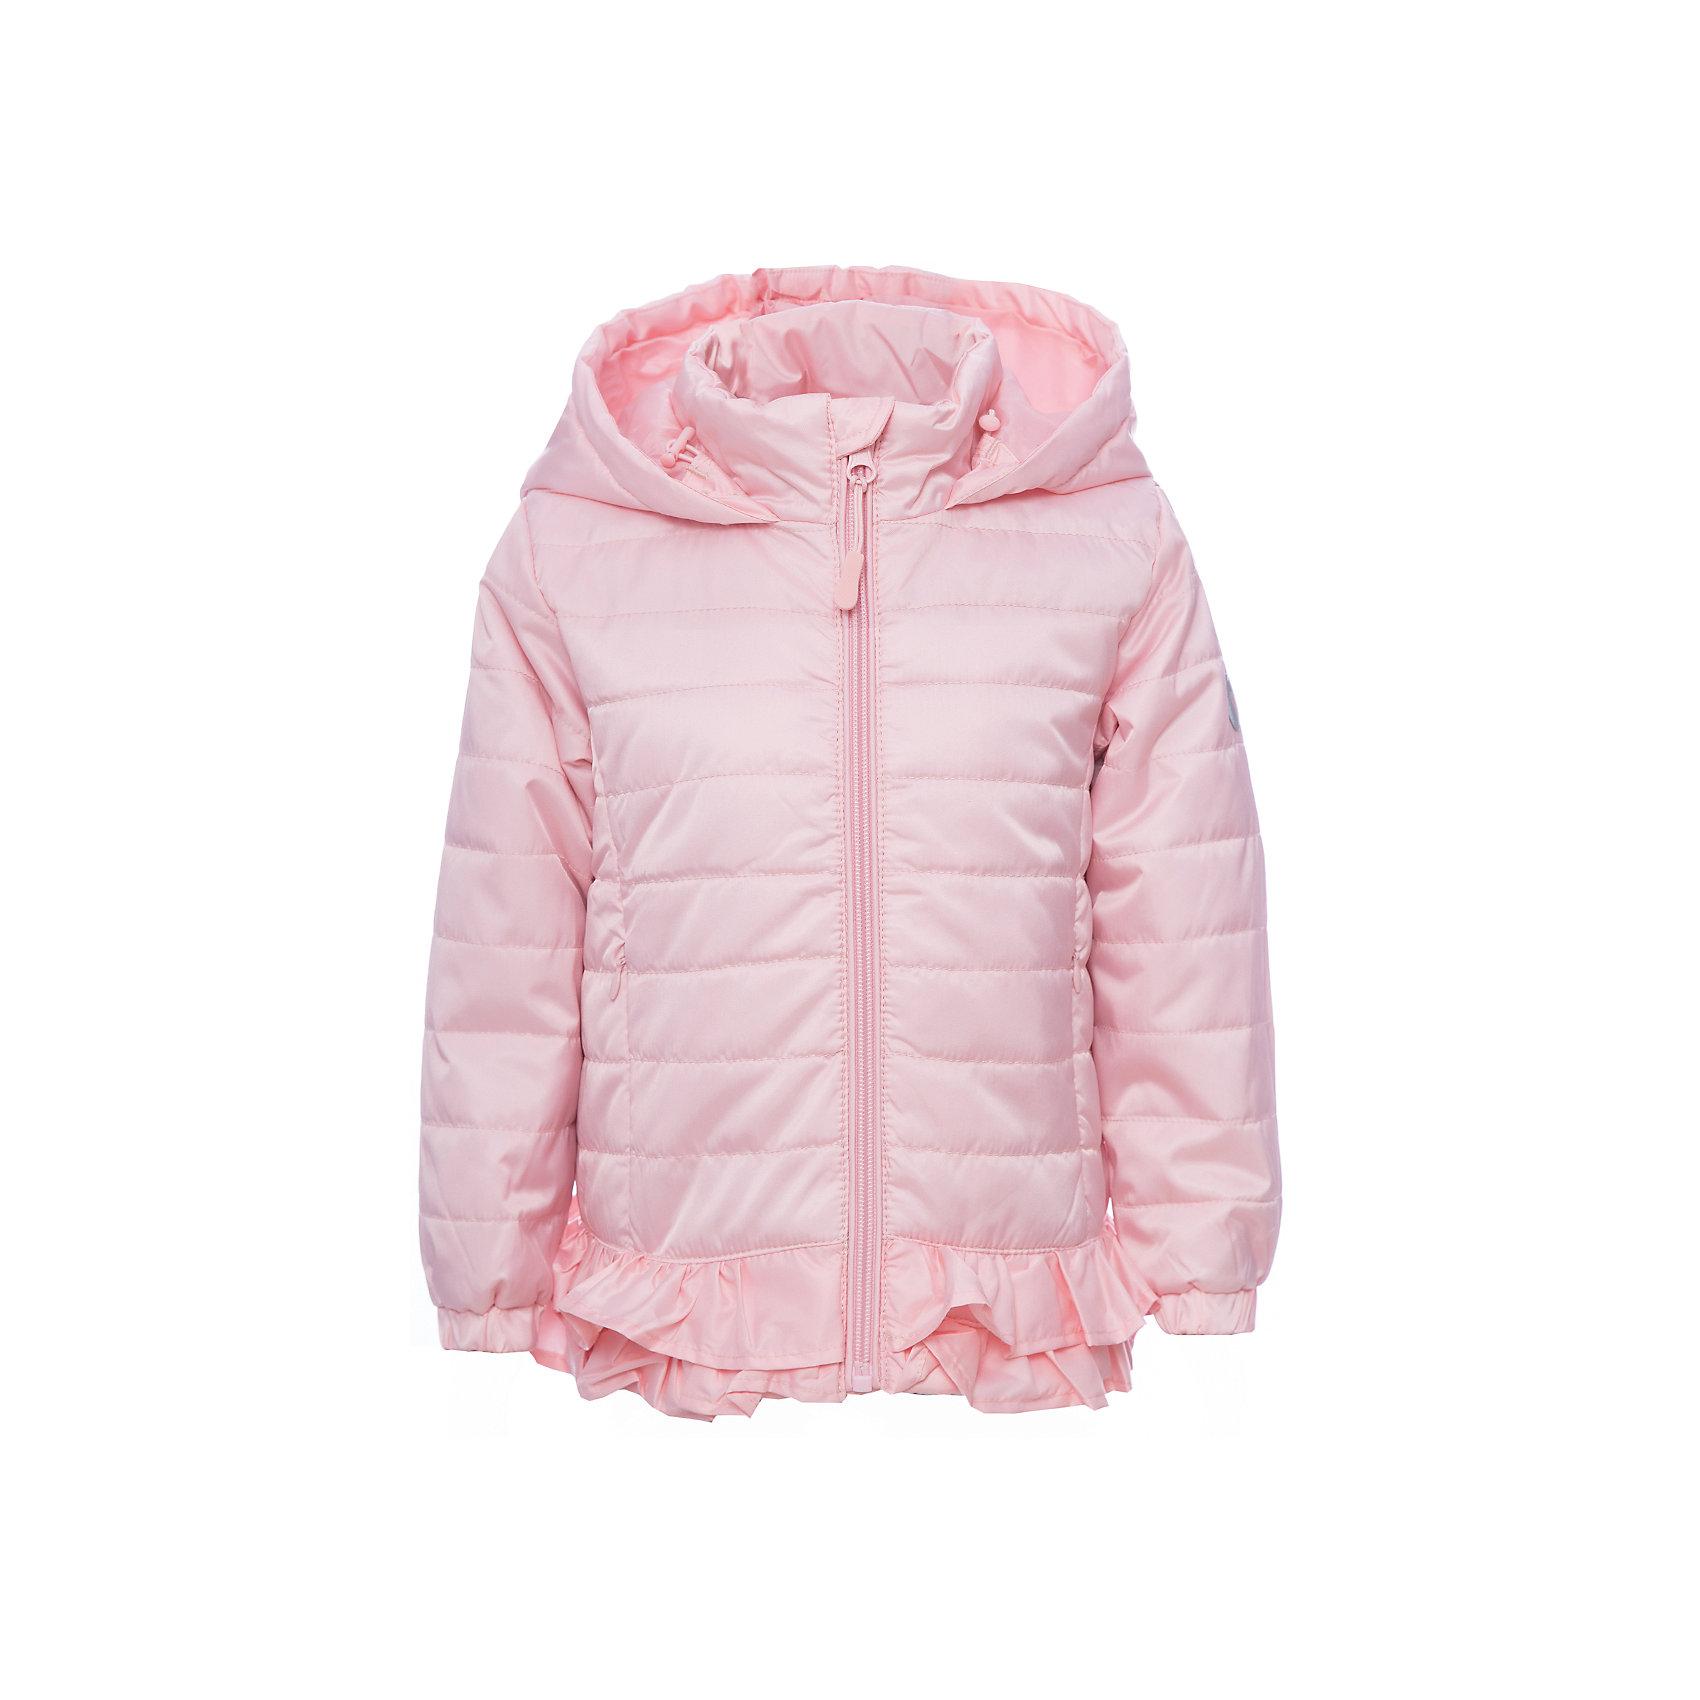 Куртка PlayToday для девочкиВерхняя одежда<br>Куртка PlayToday для девочки<br>Стеганая утепленная куртка из водоотталкивающей ткани. Модель на молнии, специальный карман для бегунка не позволит застежке травмировать нежную детскую кожу. Манжеты на широких трикотажных резинках для дополнительного сохранения тепла. Низ куртки на резинке, декорирован небольшой оборкой, дающей эффект юбочки. Светоотражетели обеспечат видимость ребенка в темное время суток. Модель с капюшоном.<br>Состав:<br>Верх: 100% полиэстер, Подкладка: 100% полиэстер, Наполнитель: 100% полиэстер, 150 г/м2<br><br>Ширина мм: 356<br>Глубина мм: 10<br>Высота мм: 245<br>Вес г: 519<br>Цвет: белый<br>Возраст от месяцев: 84<br>Возраст до месяцев: 96<br>Пол: Женский<br>Возраст: Детский<br>Размер: 128,122,98,104,110,116<br>SKU: 7115323